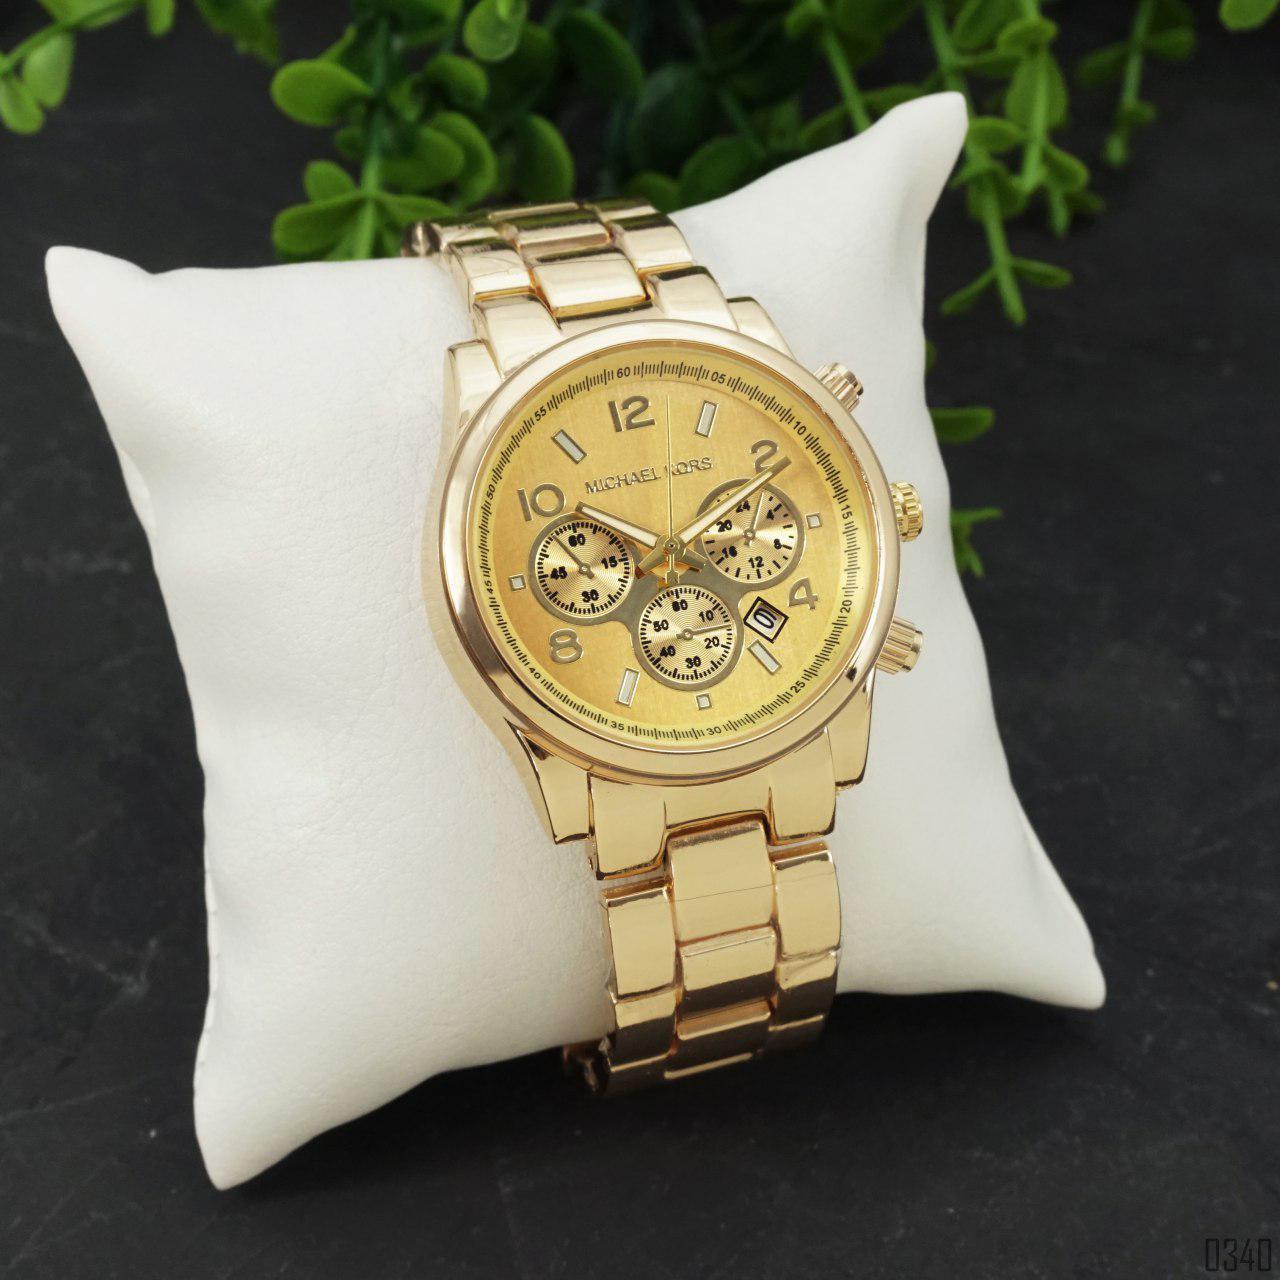 Часы M.i.c.h.a.e.l K.o.r.s 1038 G.o.l.d. Механизм-кварцевый.Материал корпуса/ремешка: Часовая сталь.